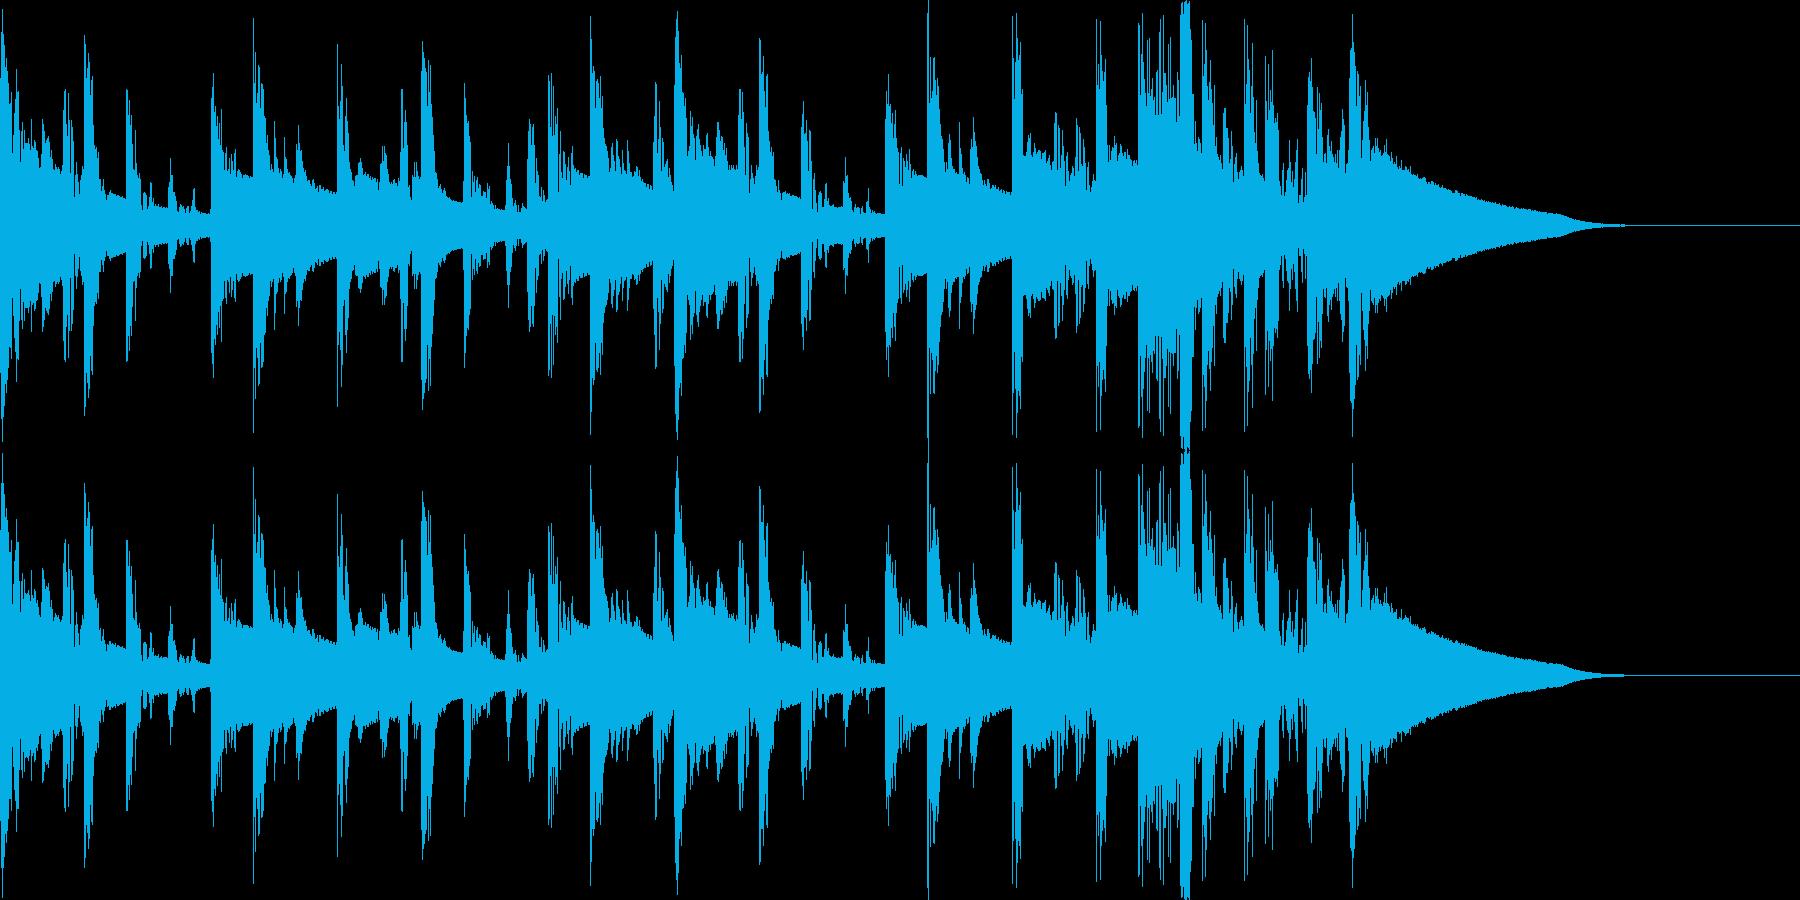 HipHopサウンドロゴ・ジングル#1の再生済みの波形